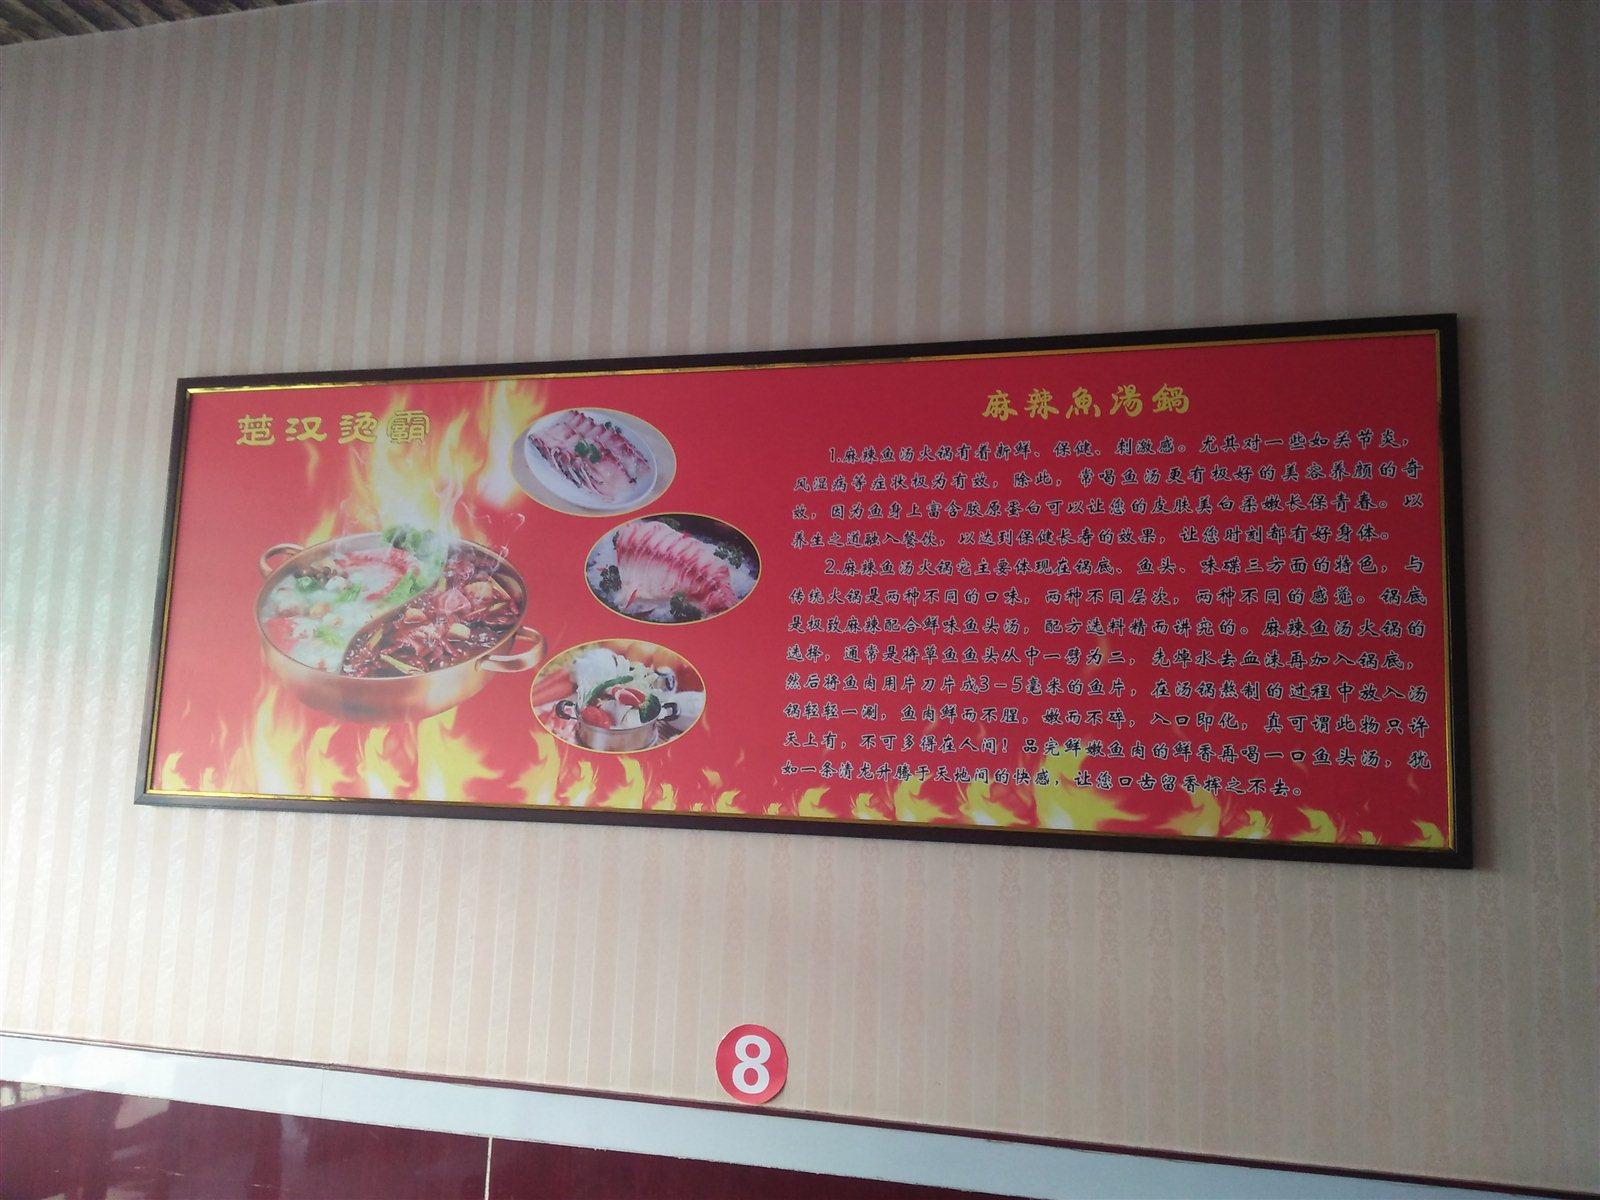 瓜州市场南门里面楚汉烫霸火锅店